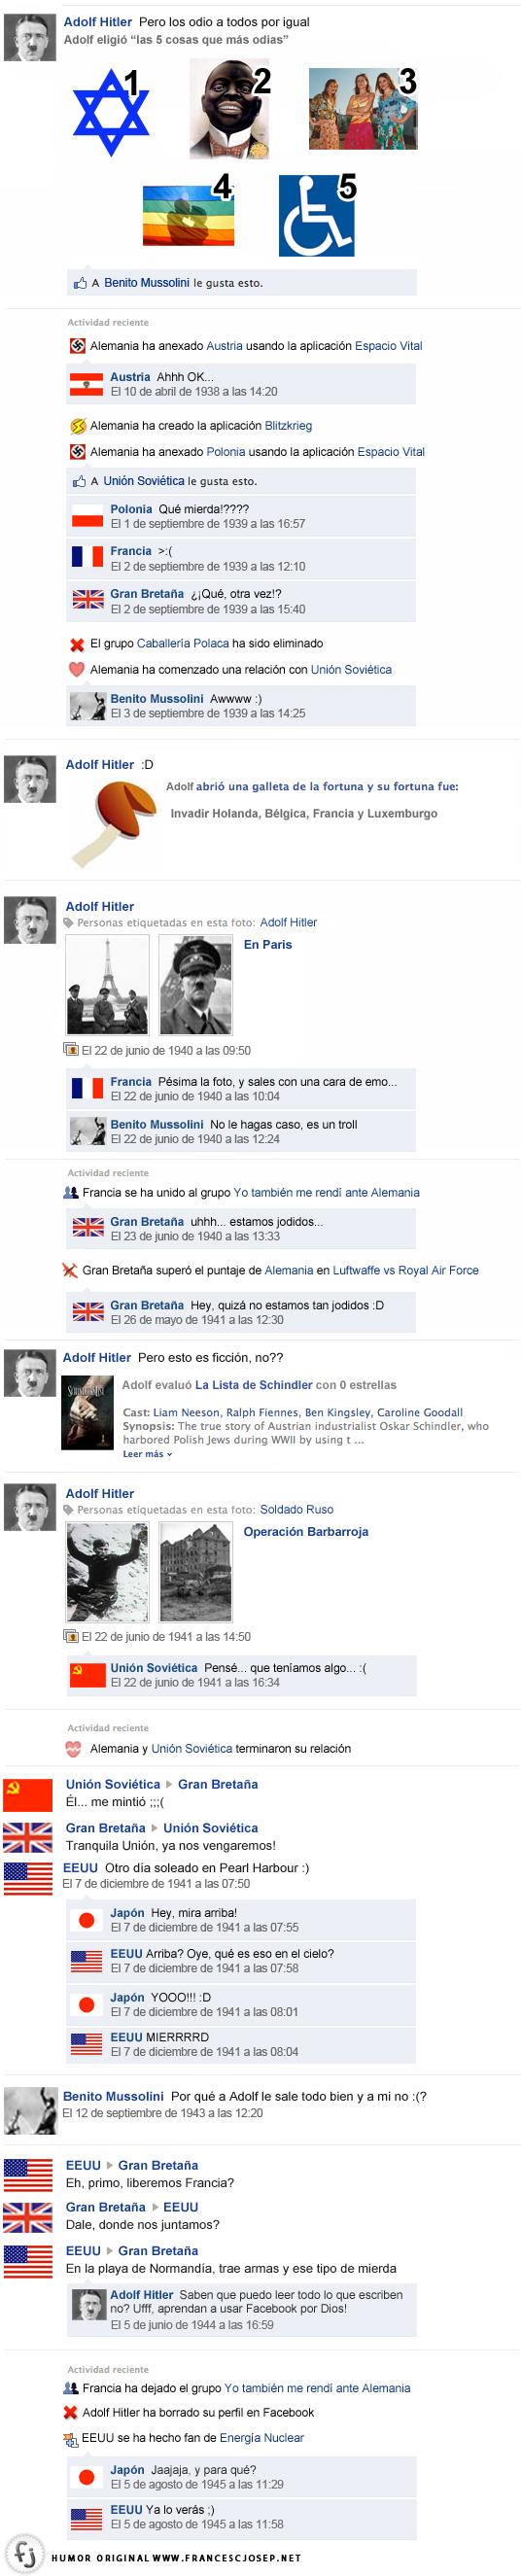 facebookhitler